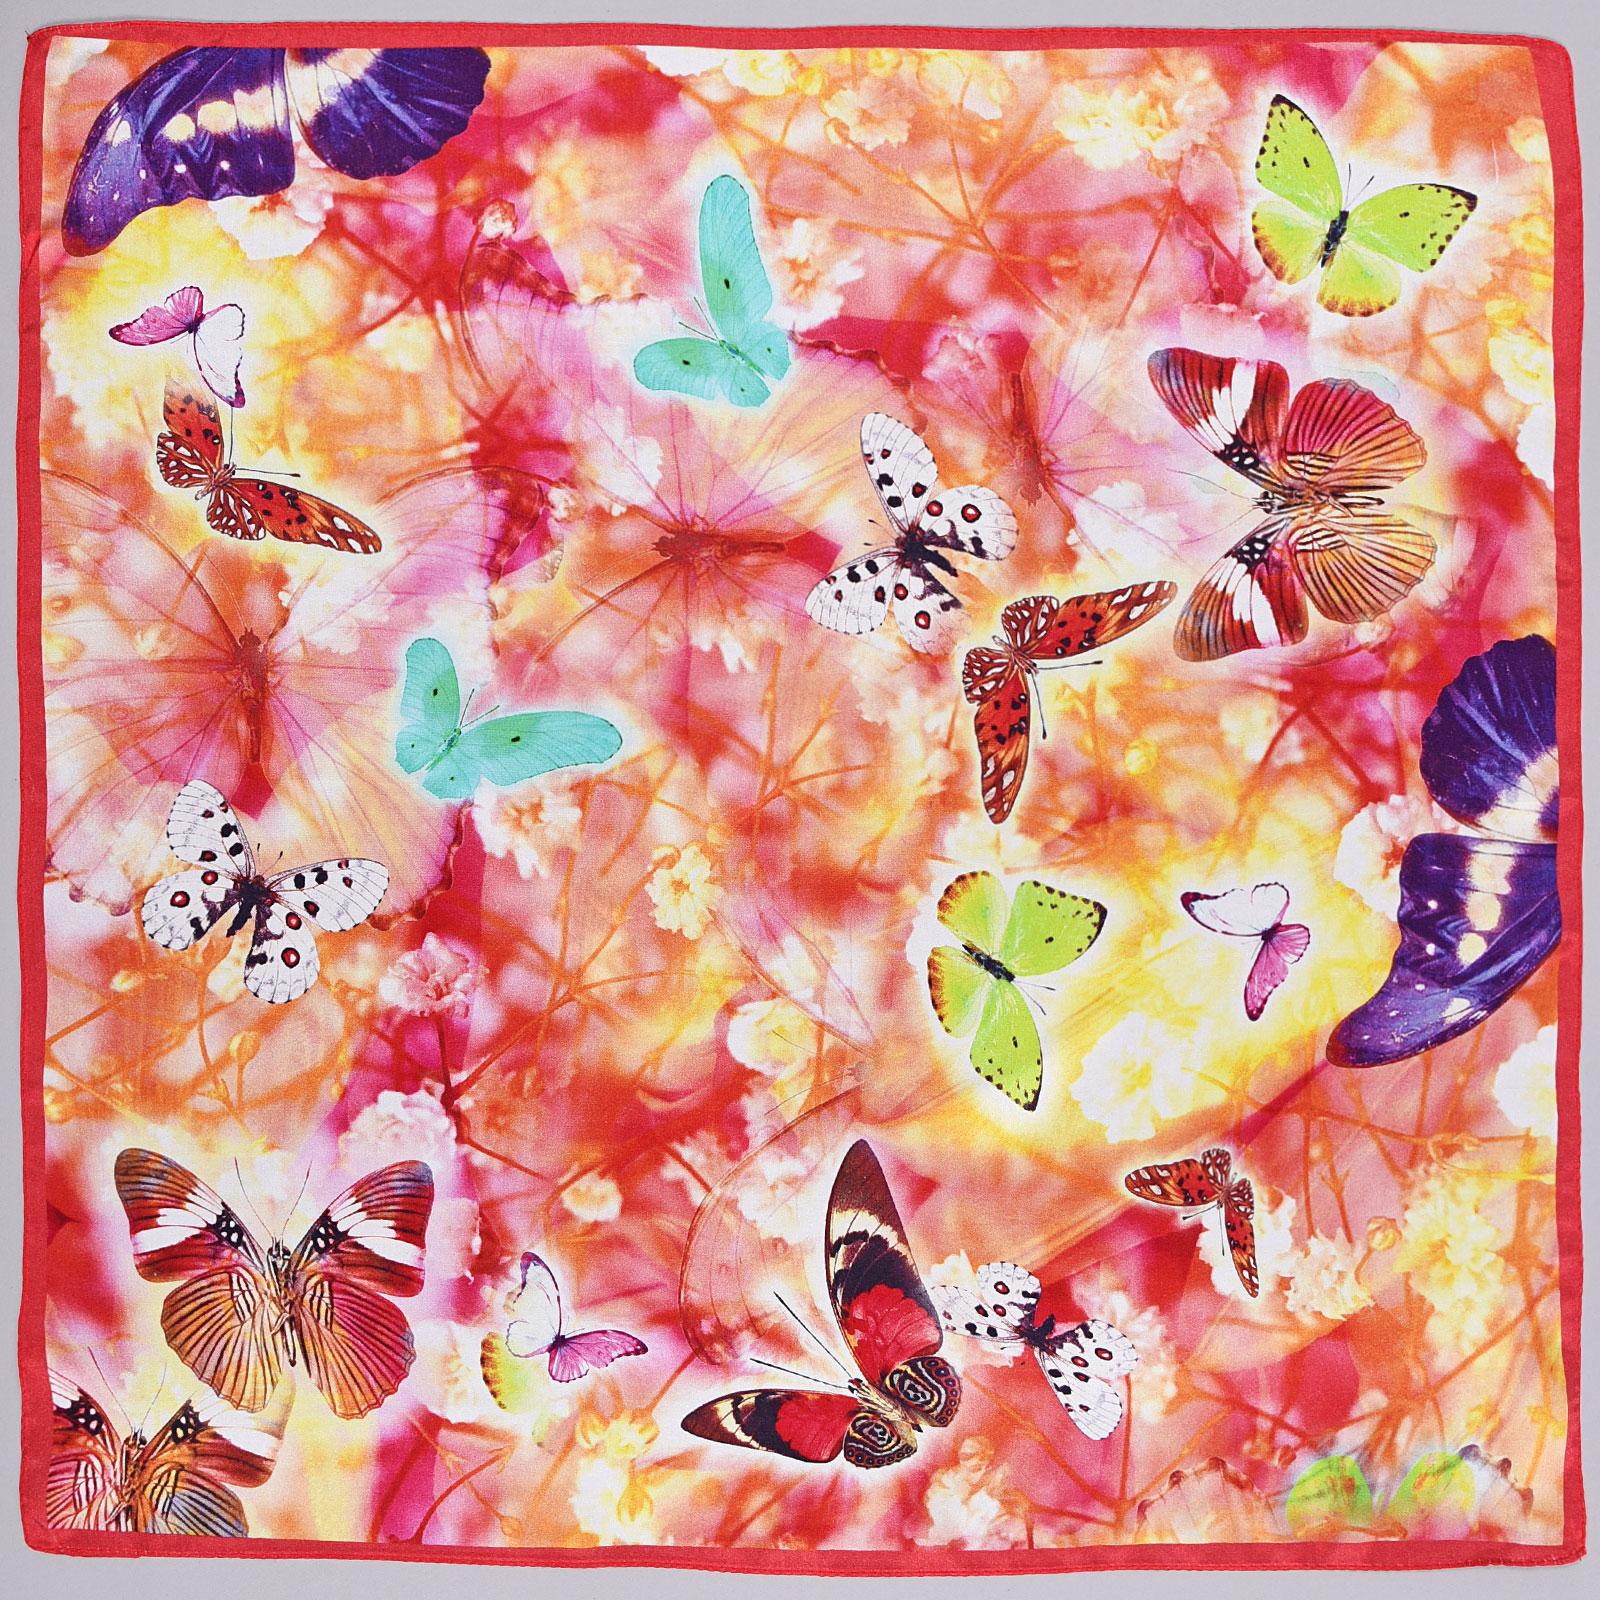 AT-03861-orange-A16-petit-carre-soie-papillons-orange-rouge